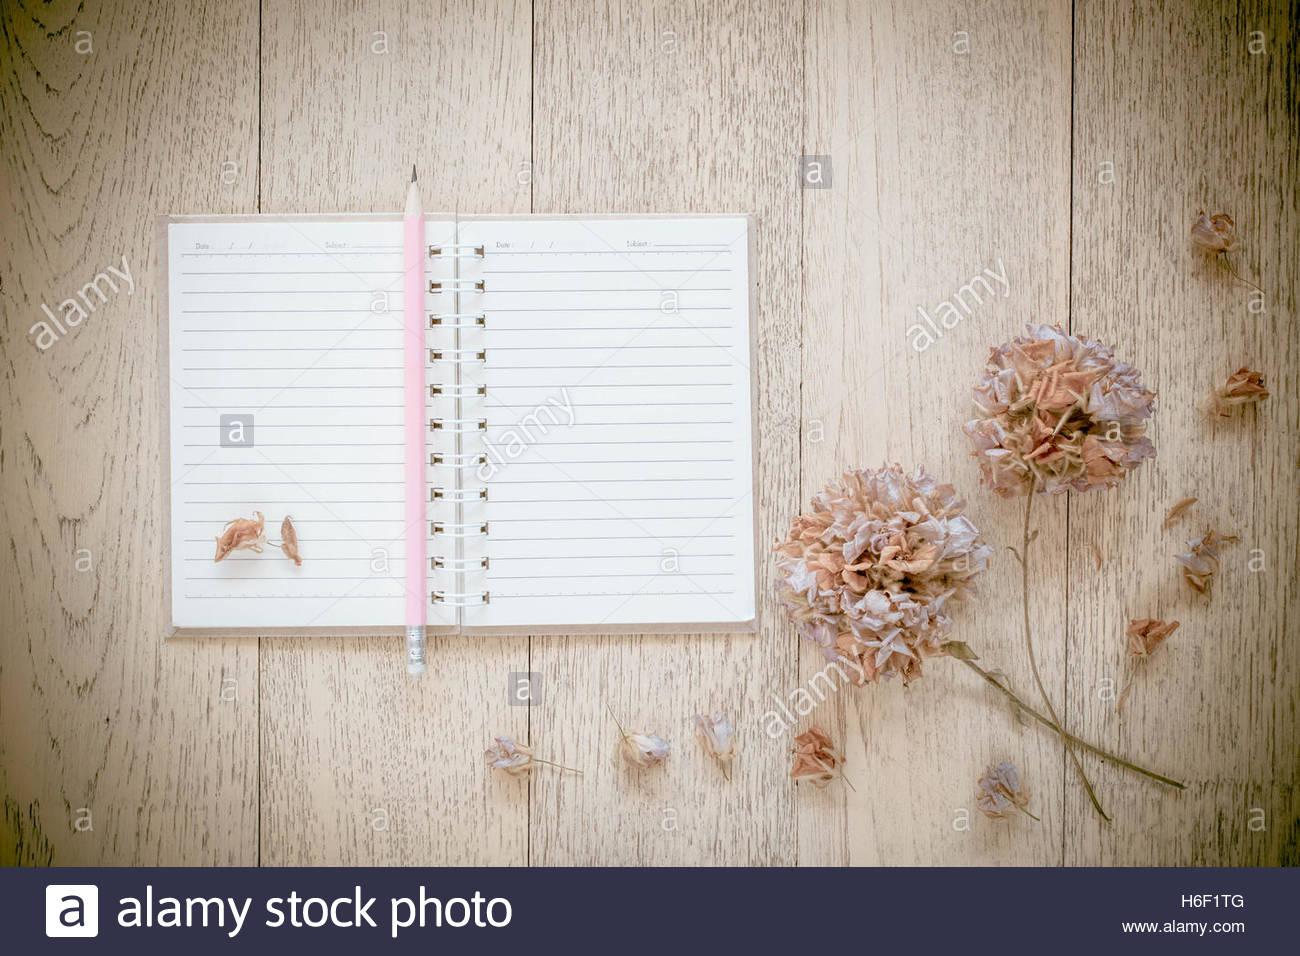 notebook und trockenblumen am alten holz hintergrund vintage stil stockfoto bild 124491264. Black Bedroom Furniture Sets. Home Design Ideas